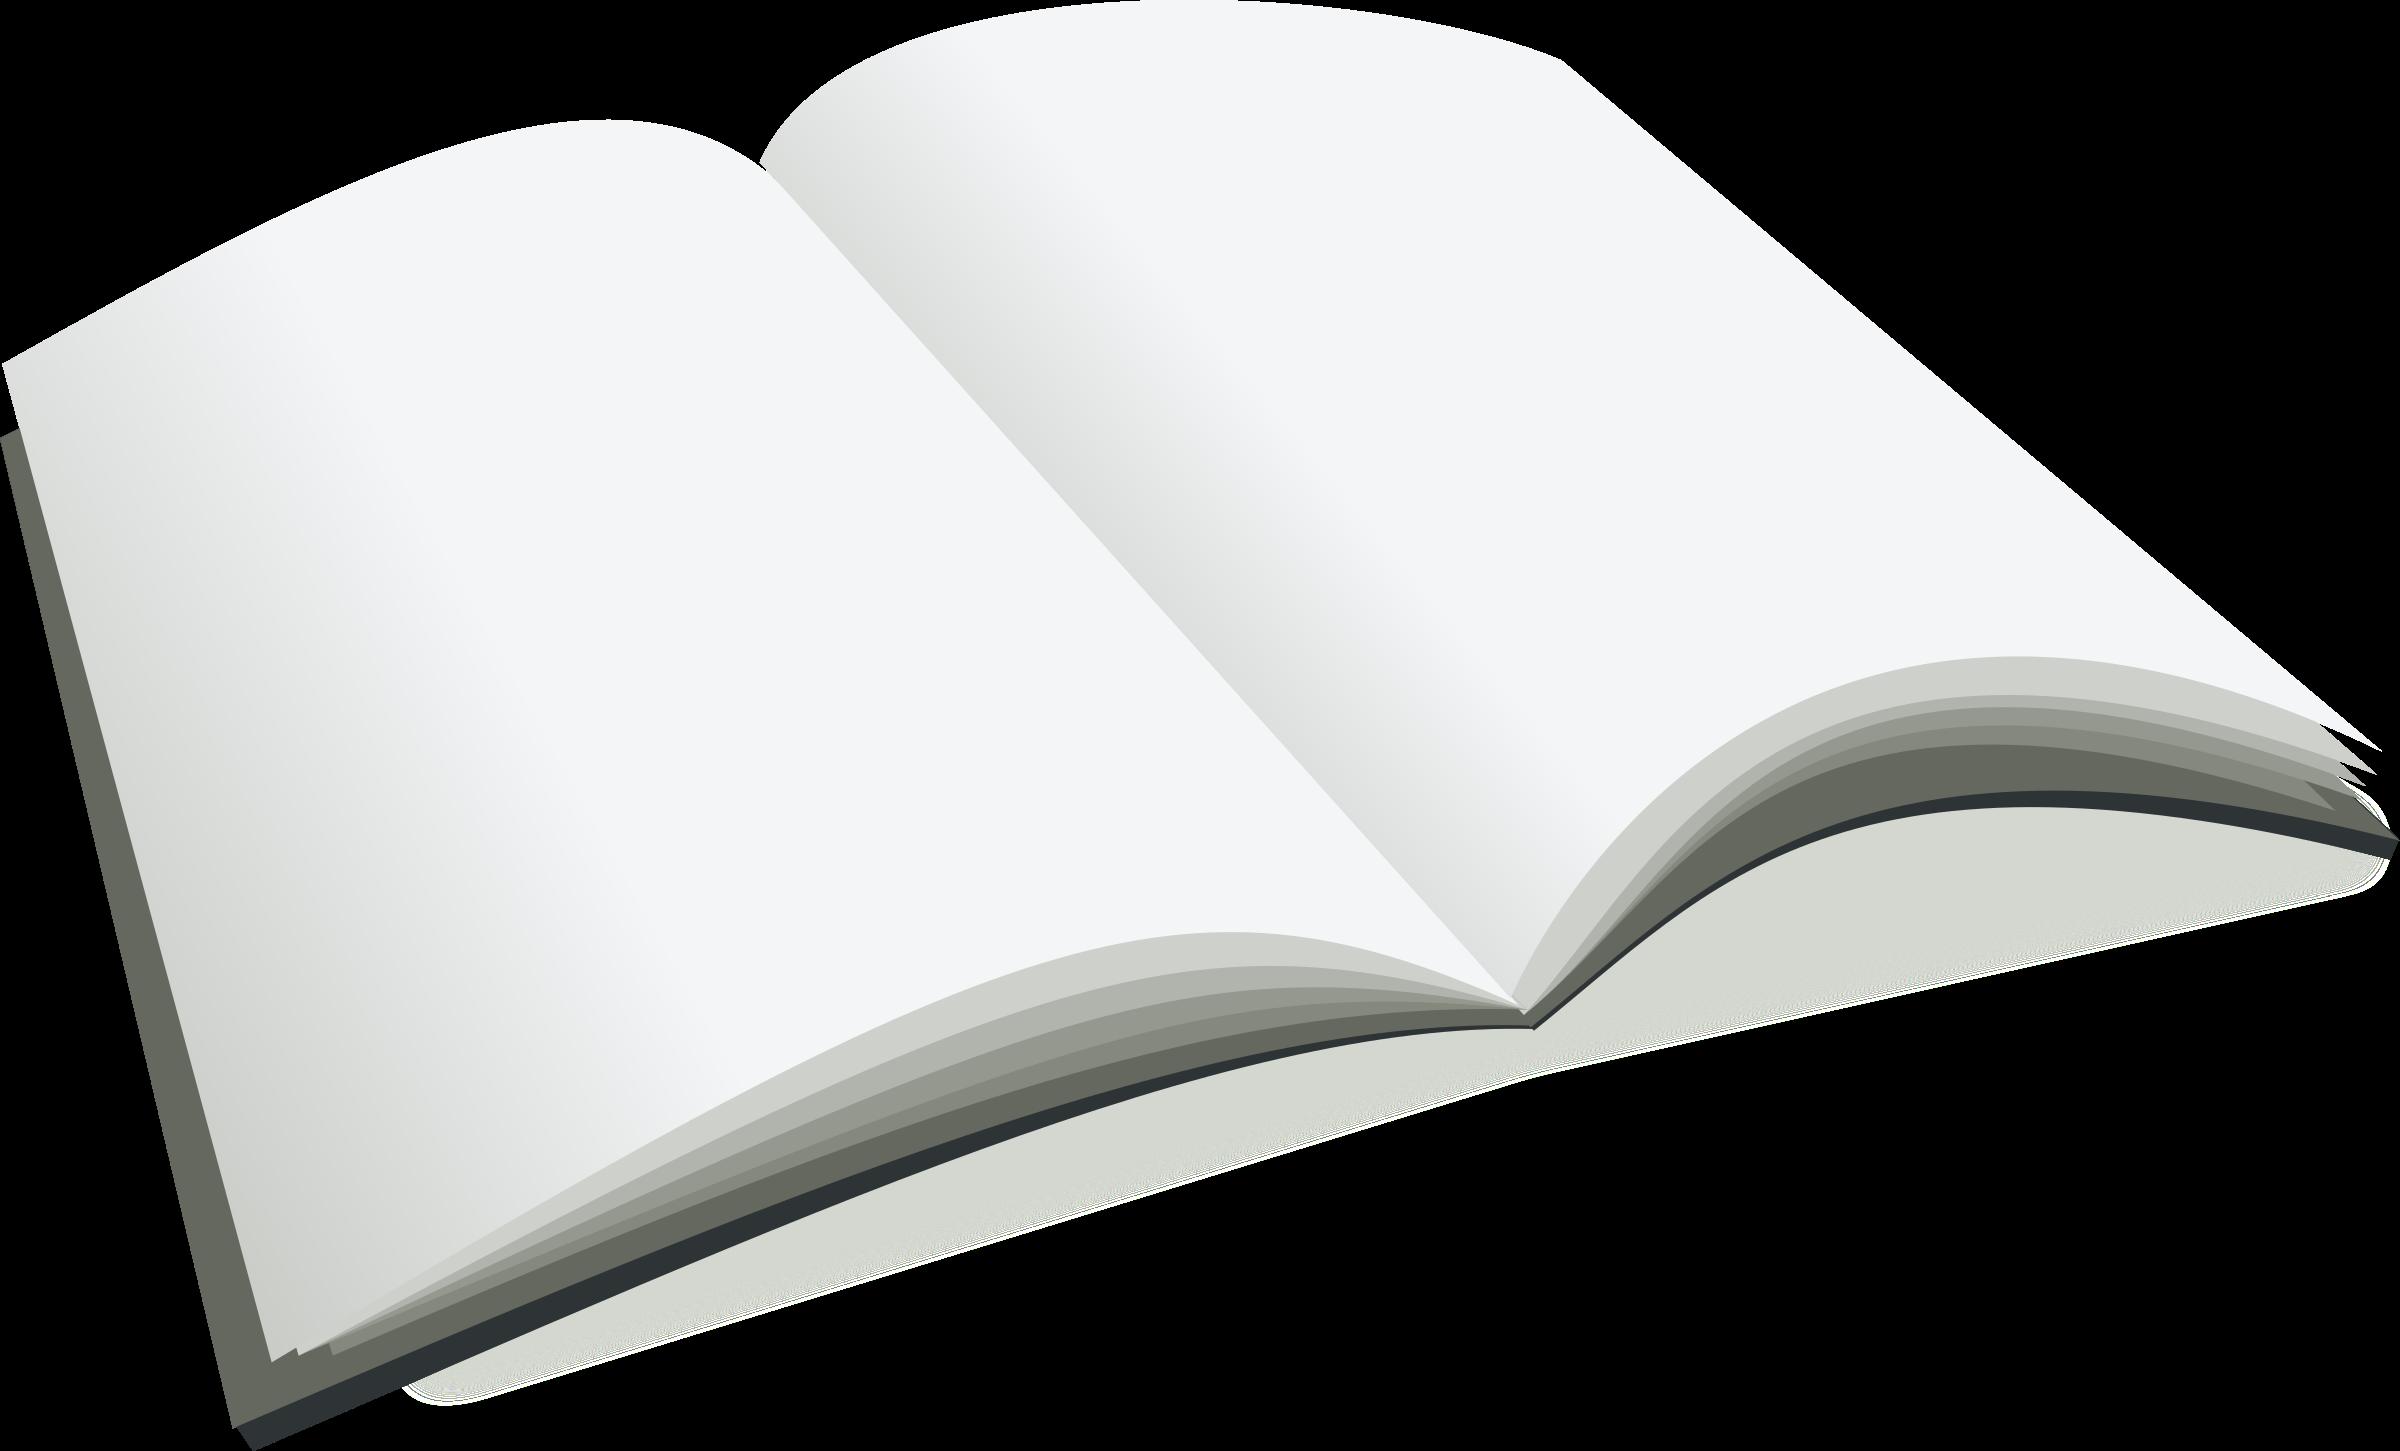 d&ad the copy book free pdf file